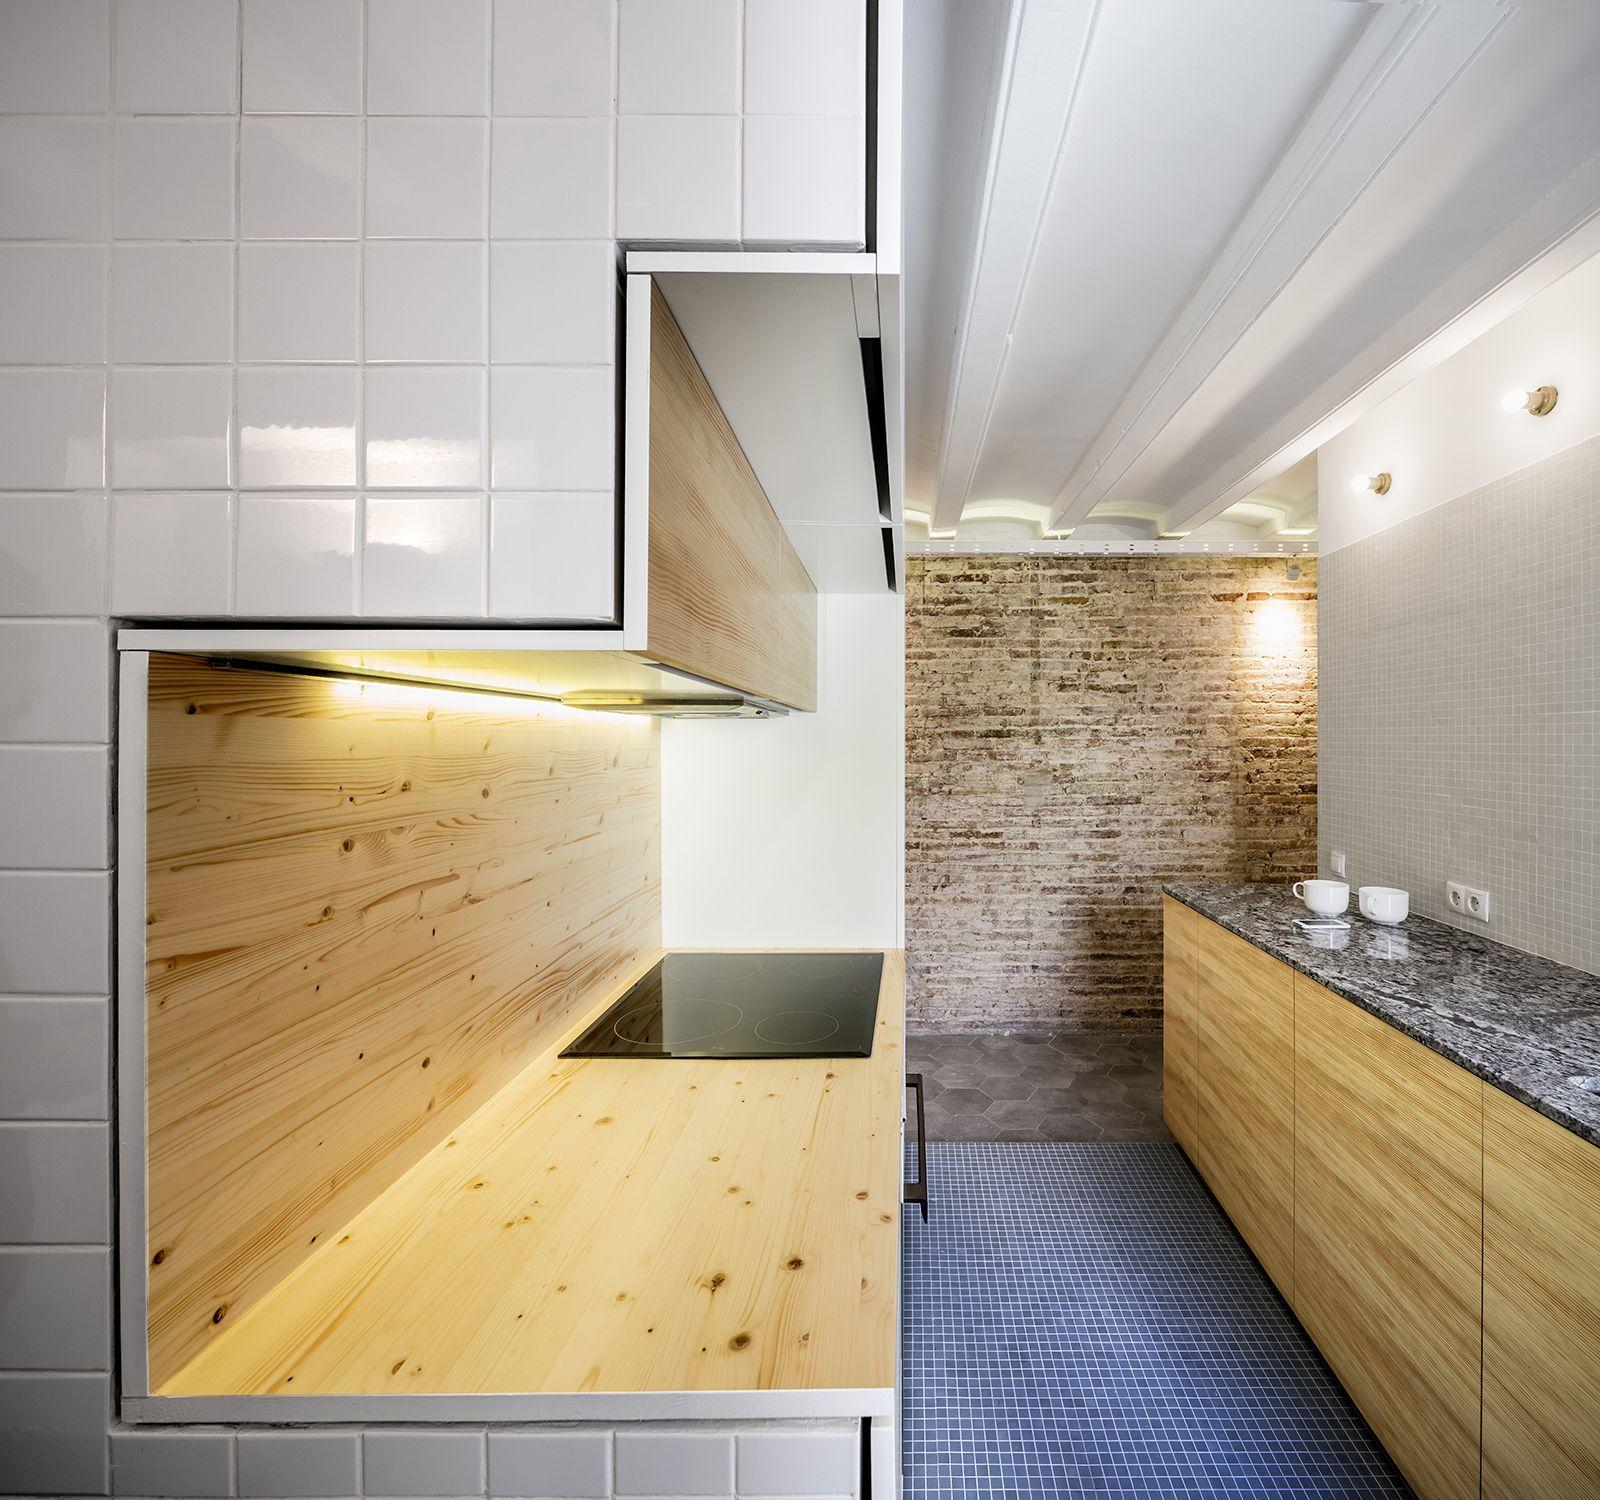 cocina | arquitectura | Pinterest | Cocinas, Cocinas kitchen y ...